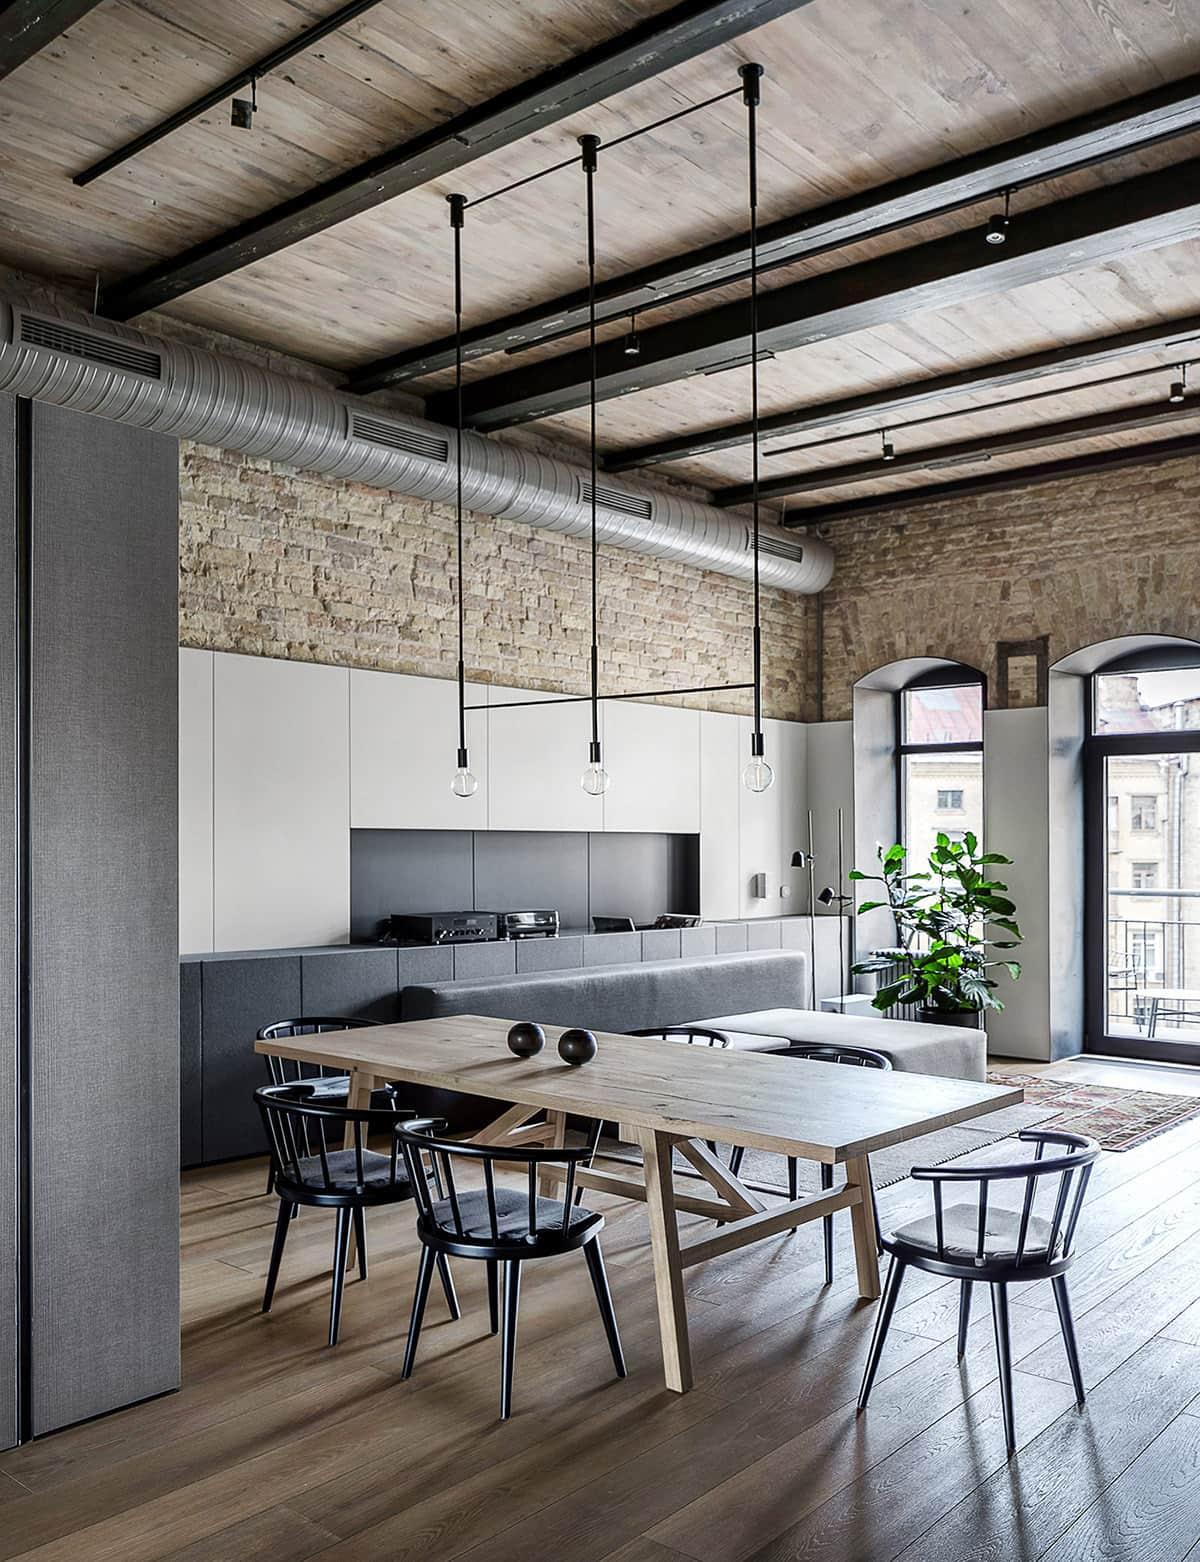 Стильная гостиная которая не содержит в себе абсолютно ничего лишнего, нет загромождения пространства габаритными предметами интерьера